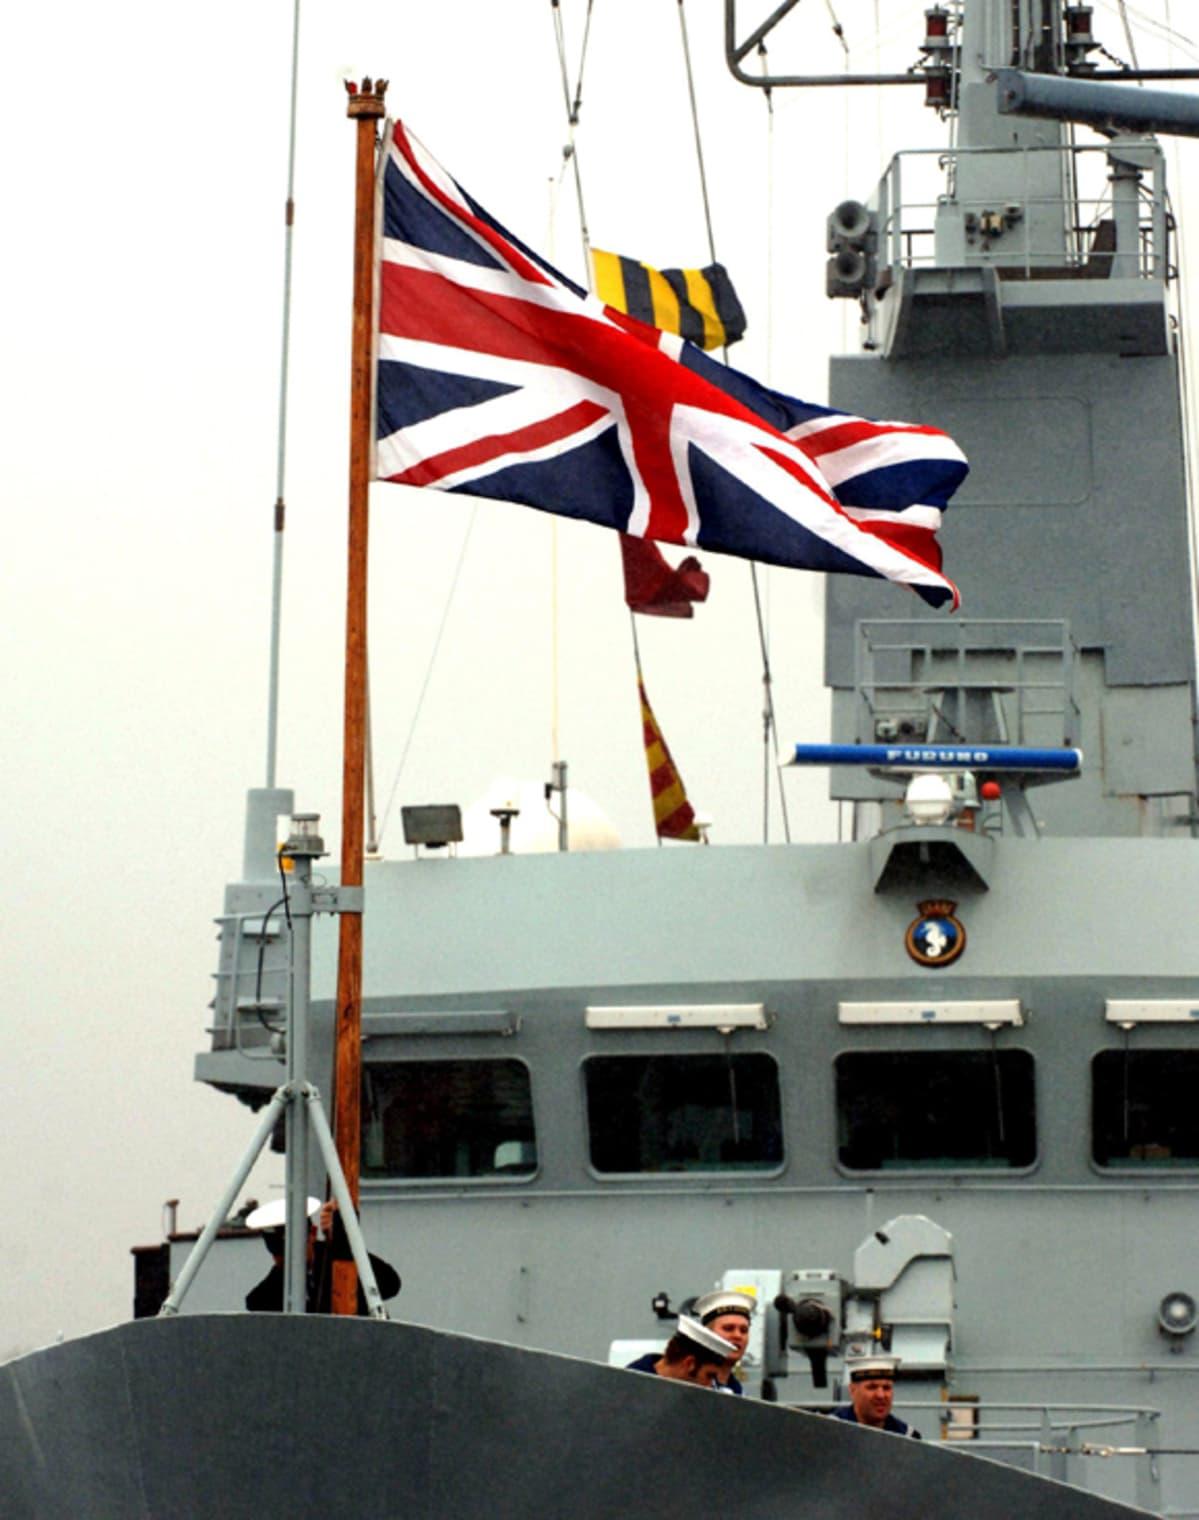 Laivaston merimiehiä kannella.